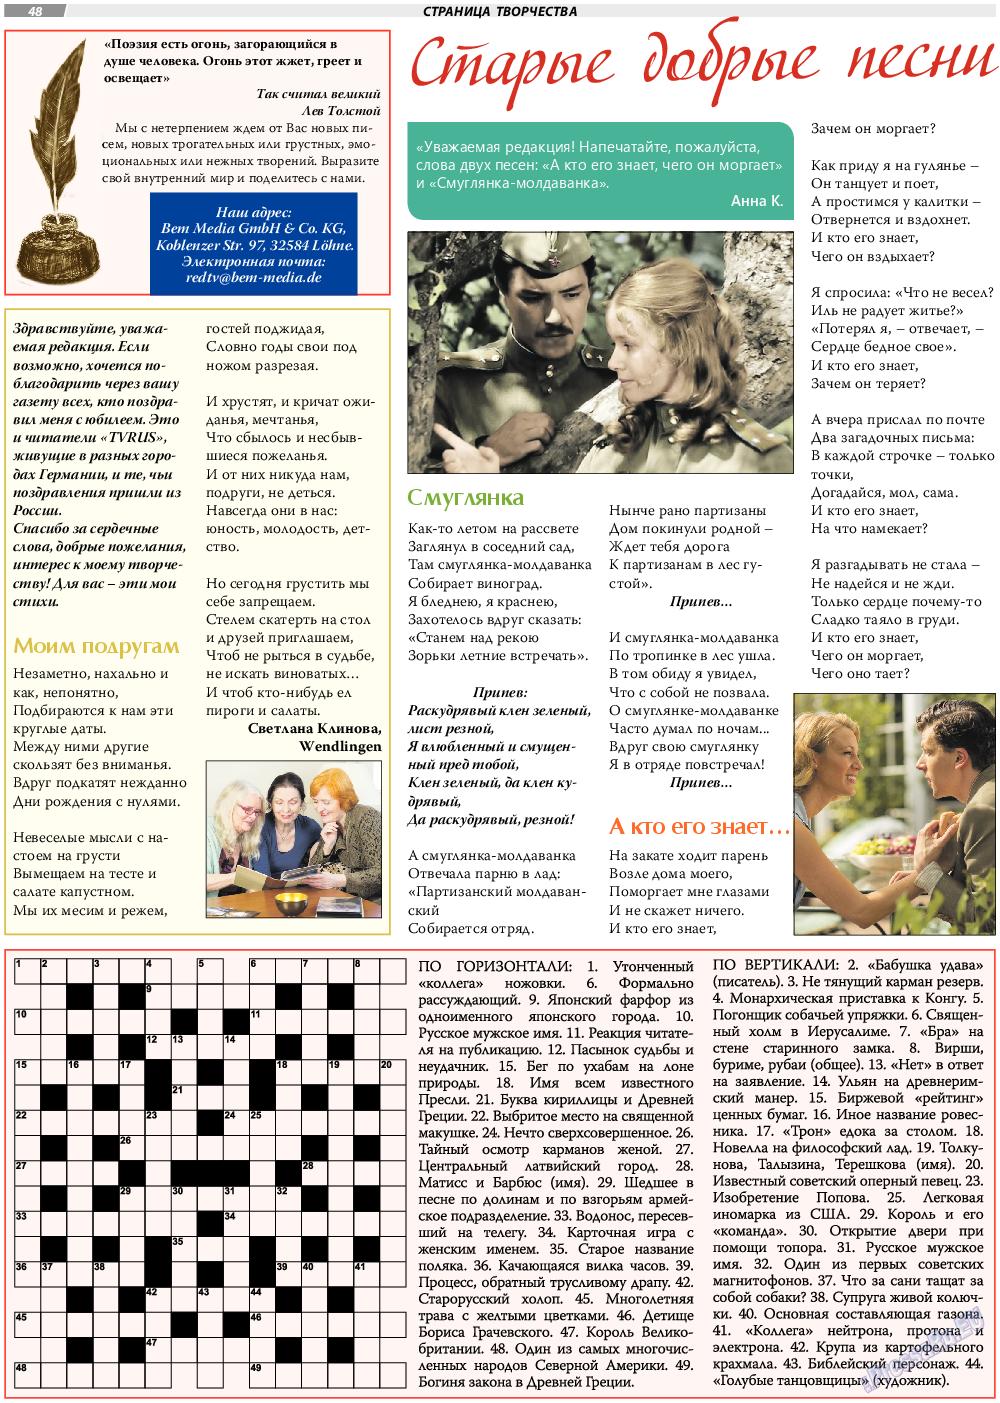 TVrus (газета). 2018 год, номер 43, стр. 48